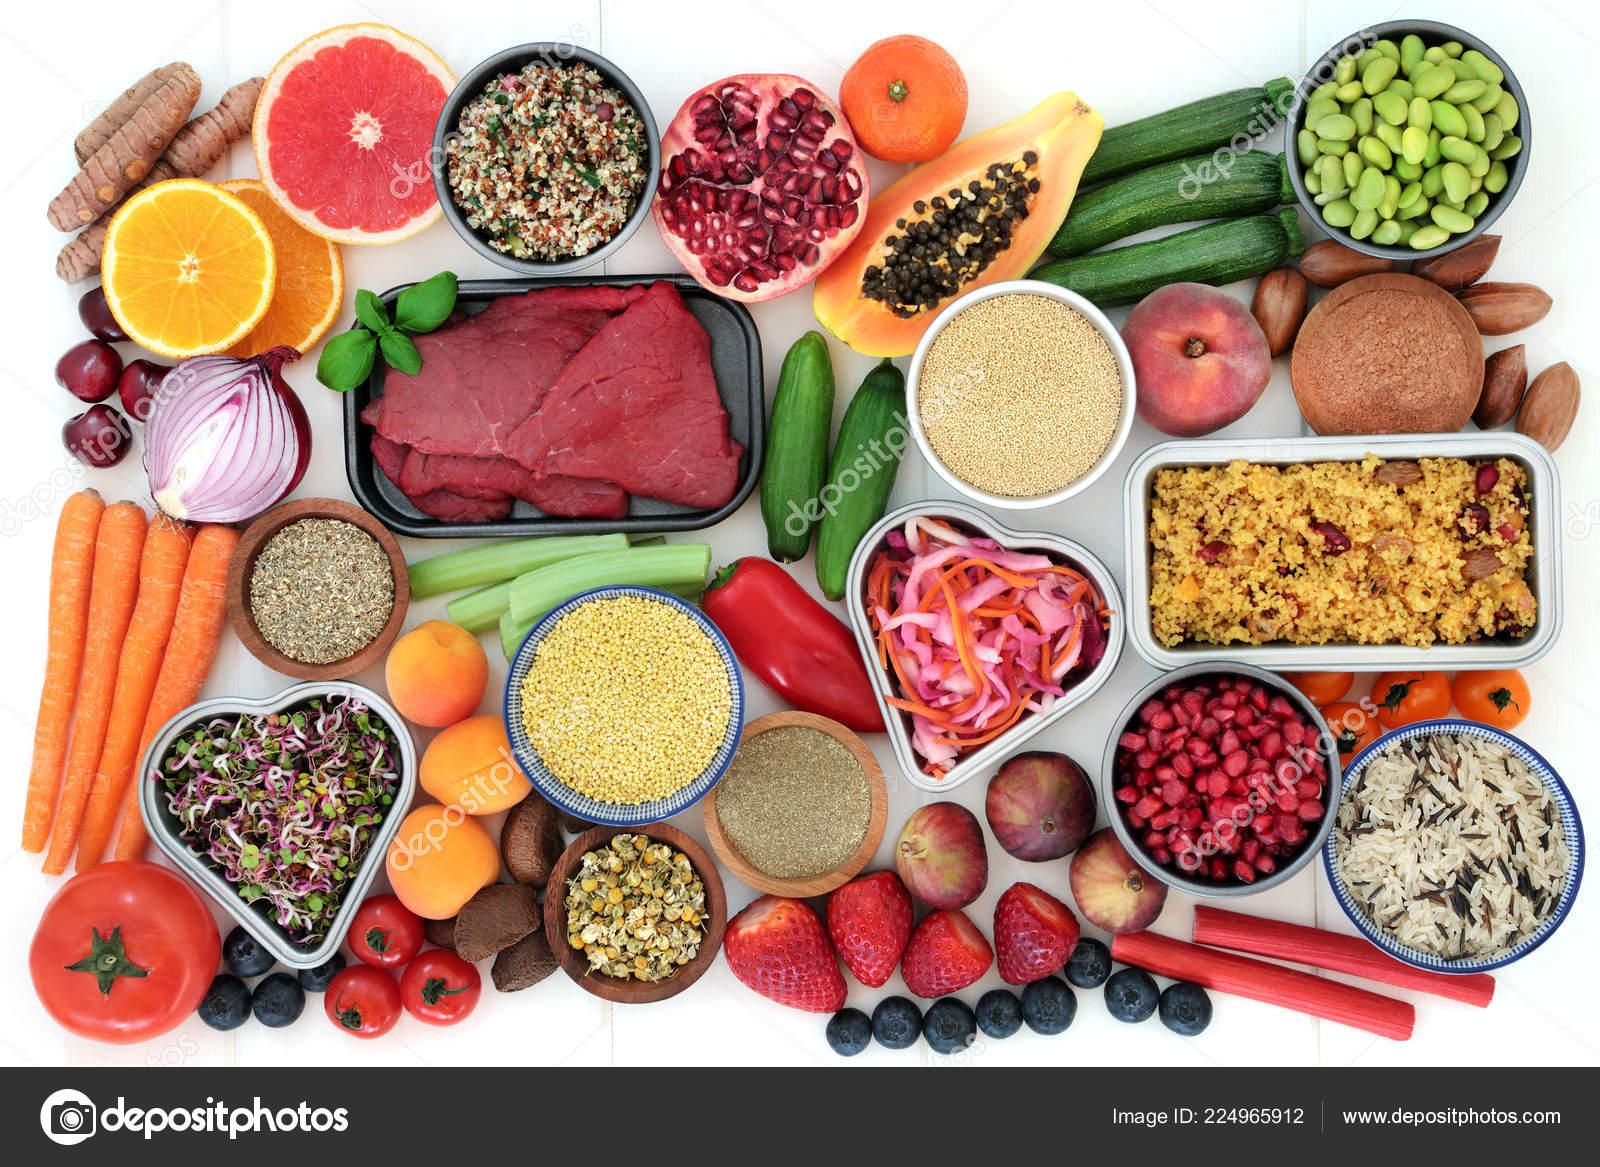 Frutas y verduras que ayudan a bajar de peso